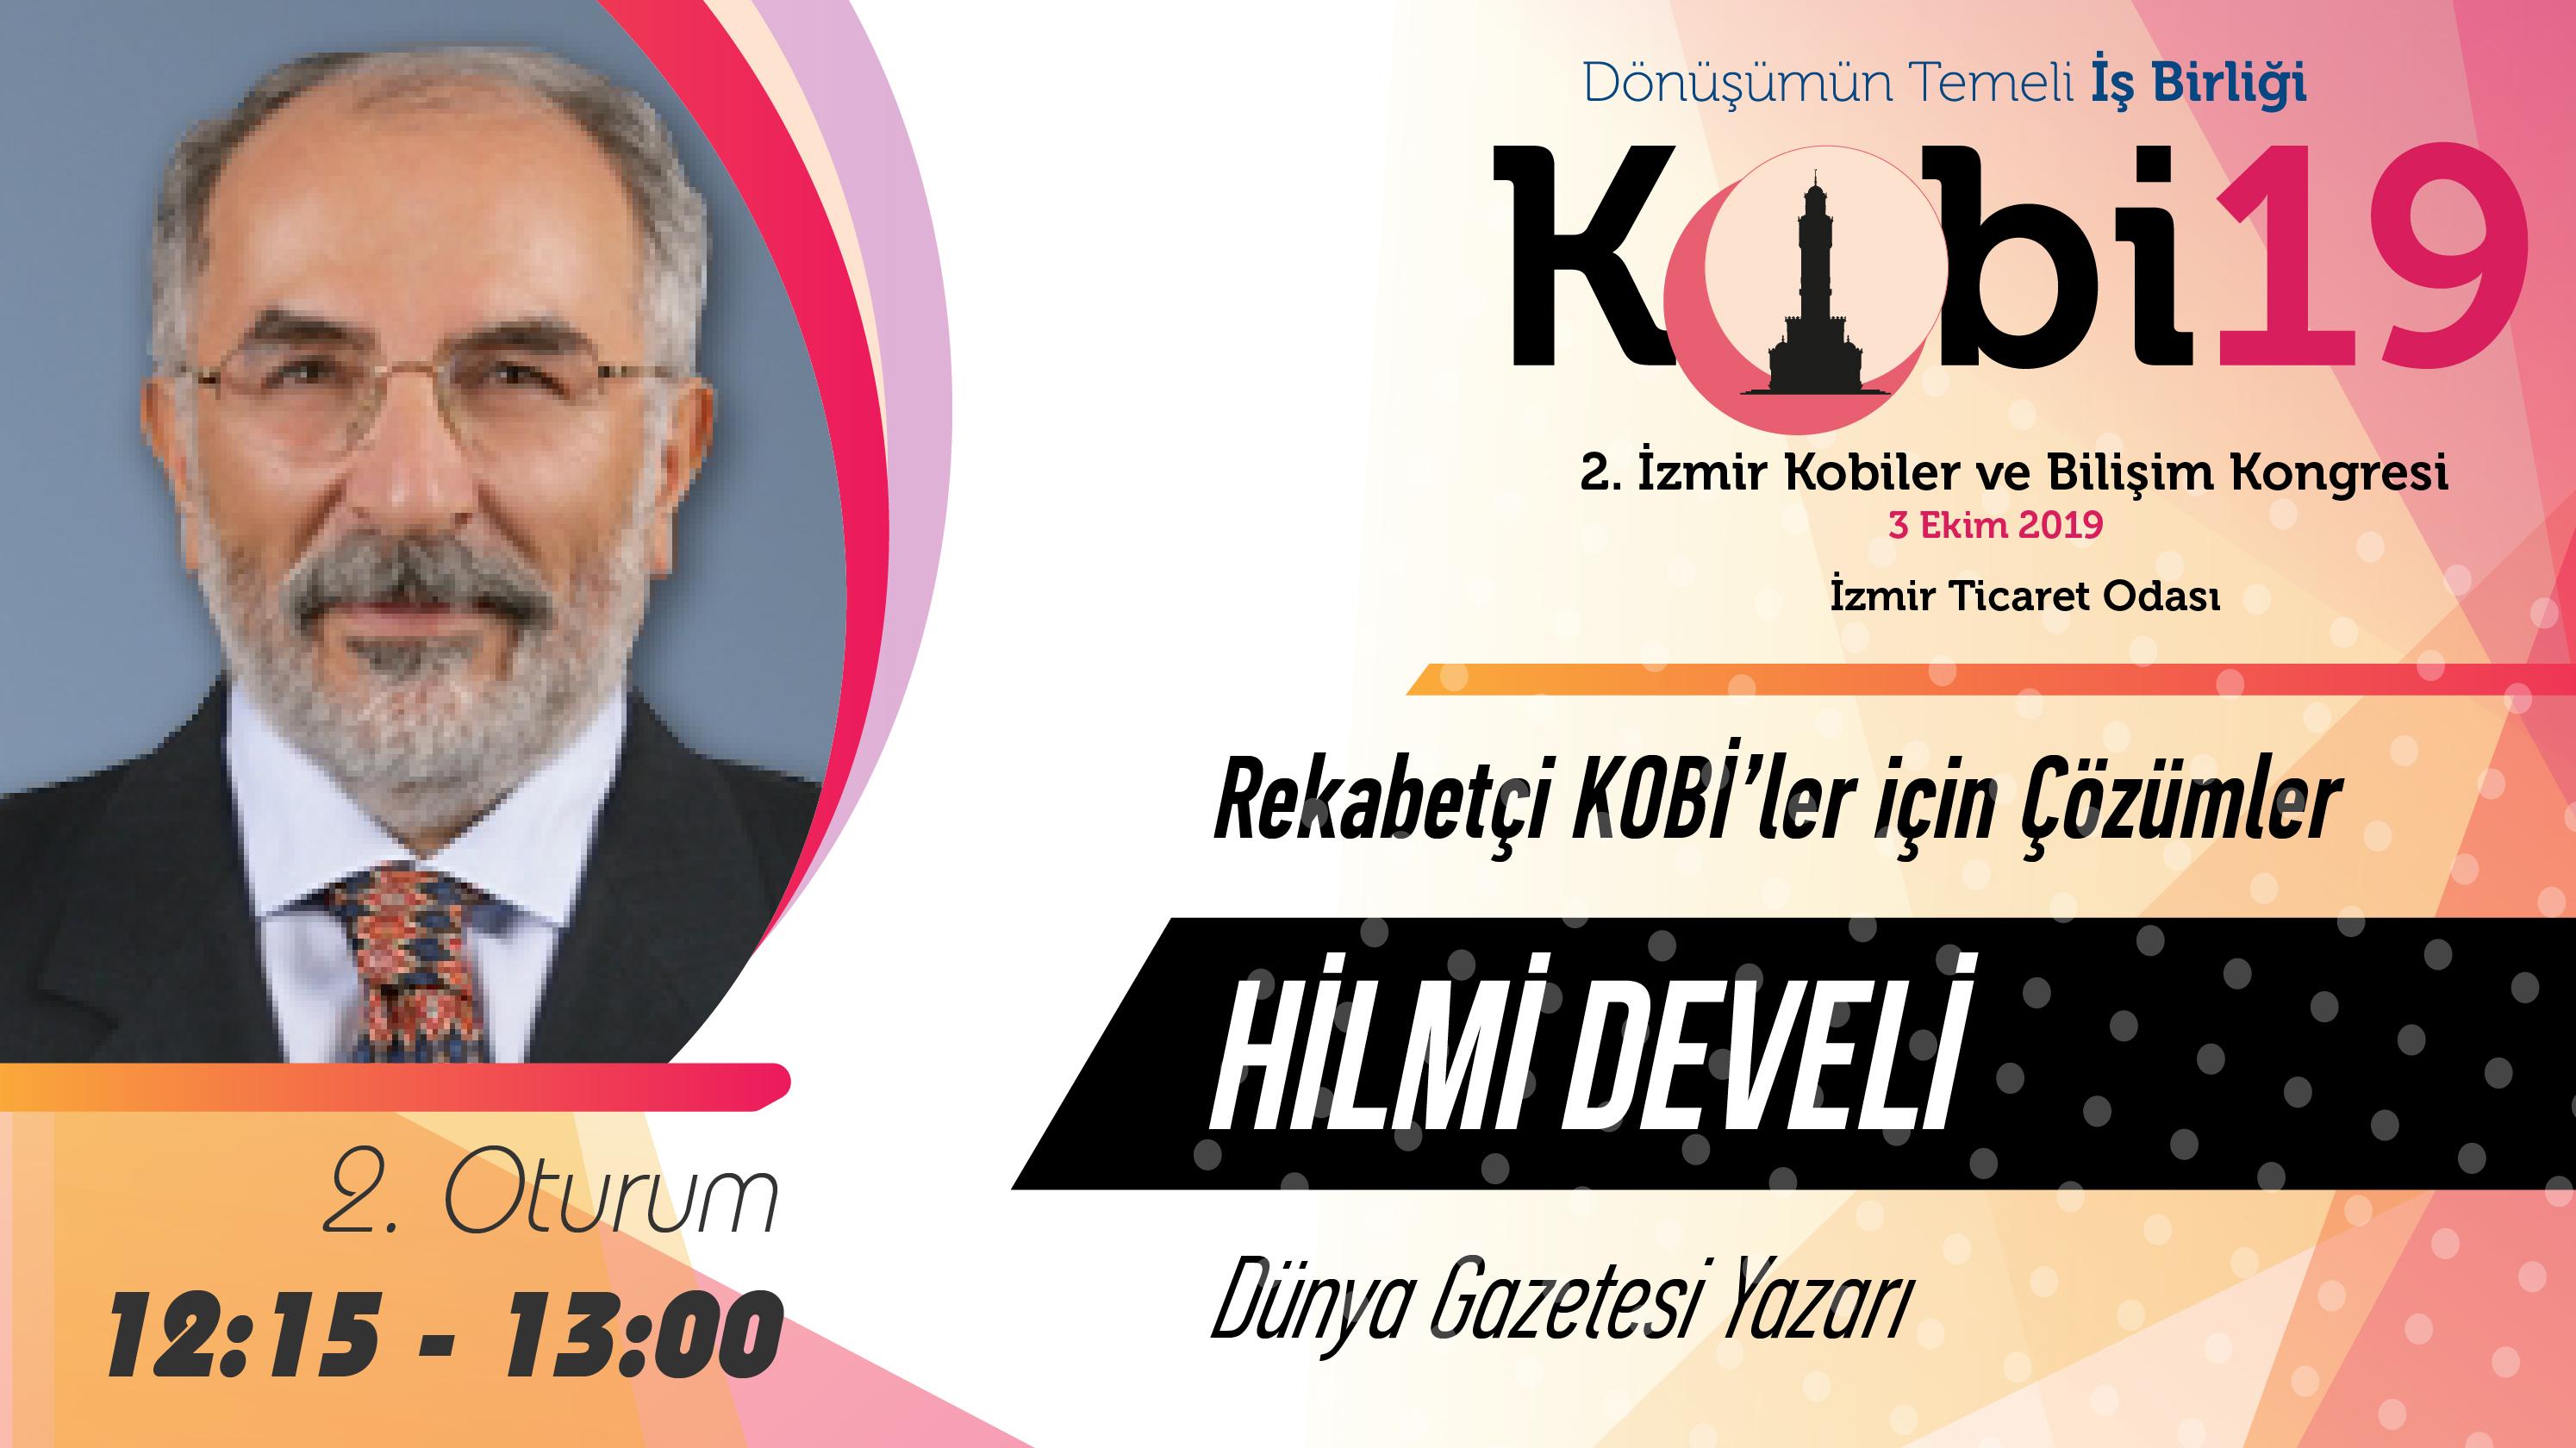 Hilmi DEVELİ - 2. İzmir Kobiler ve Bilişim Kongresi 2019